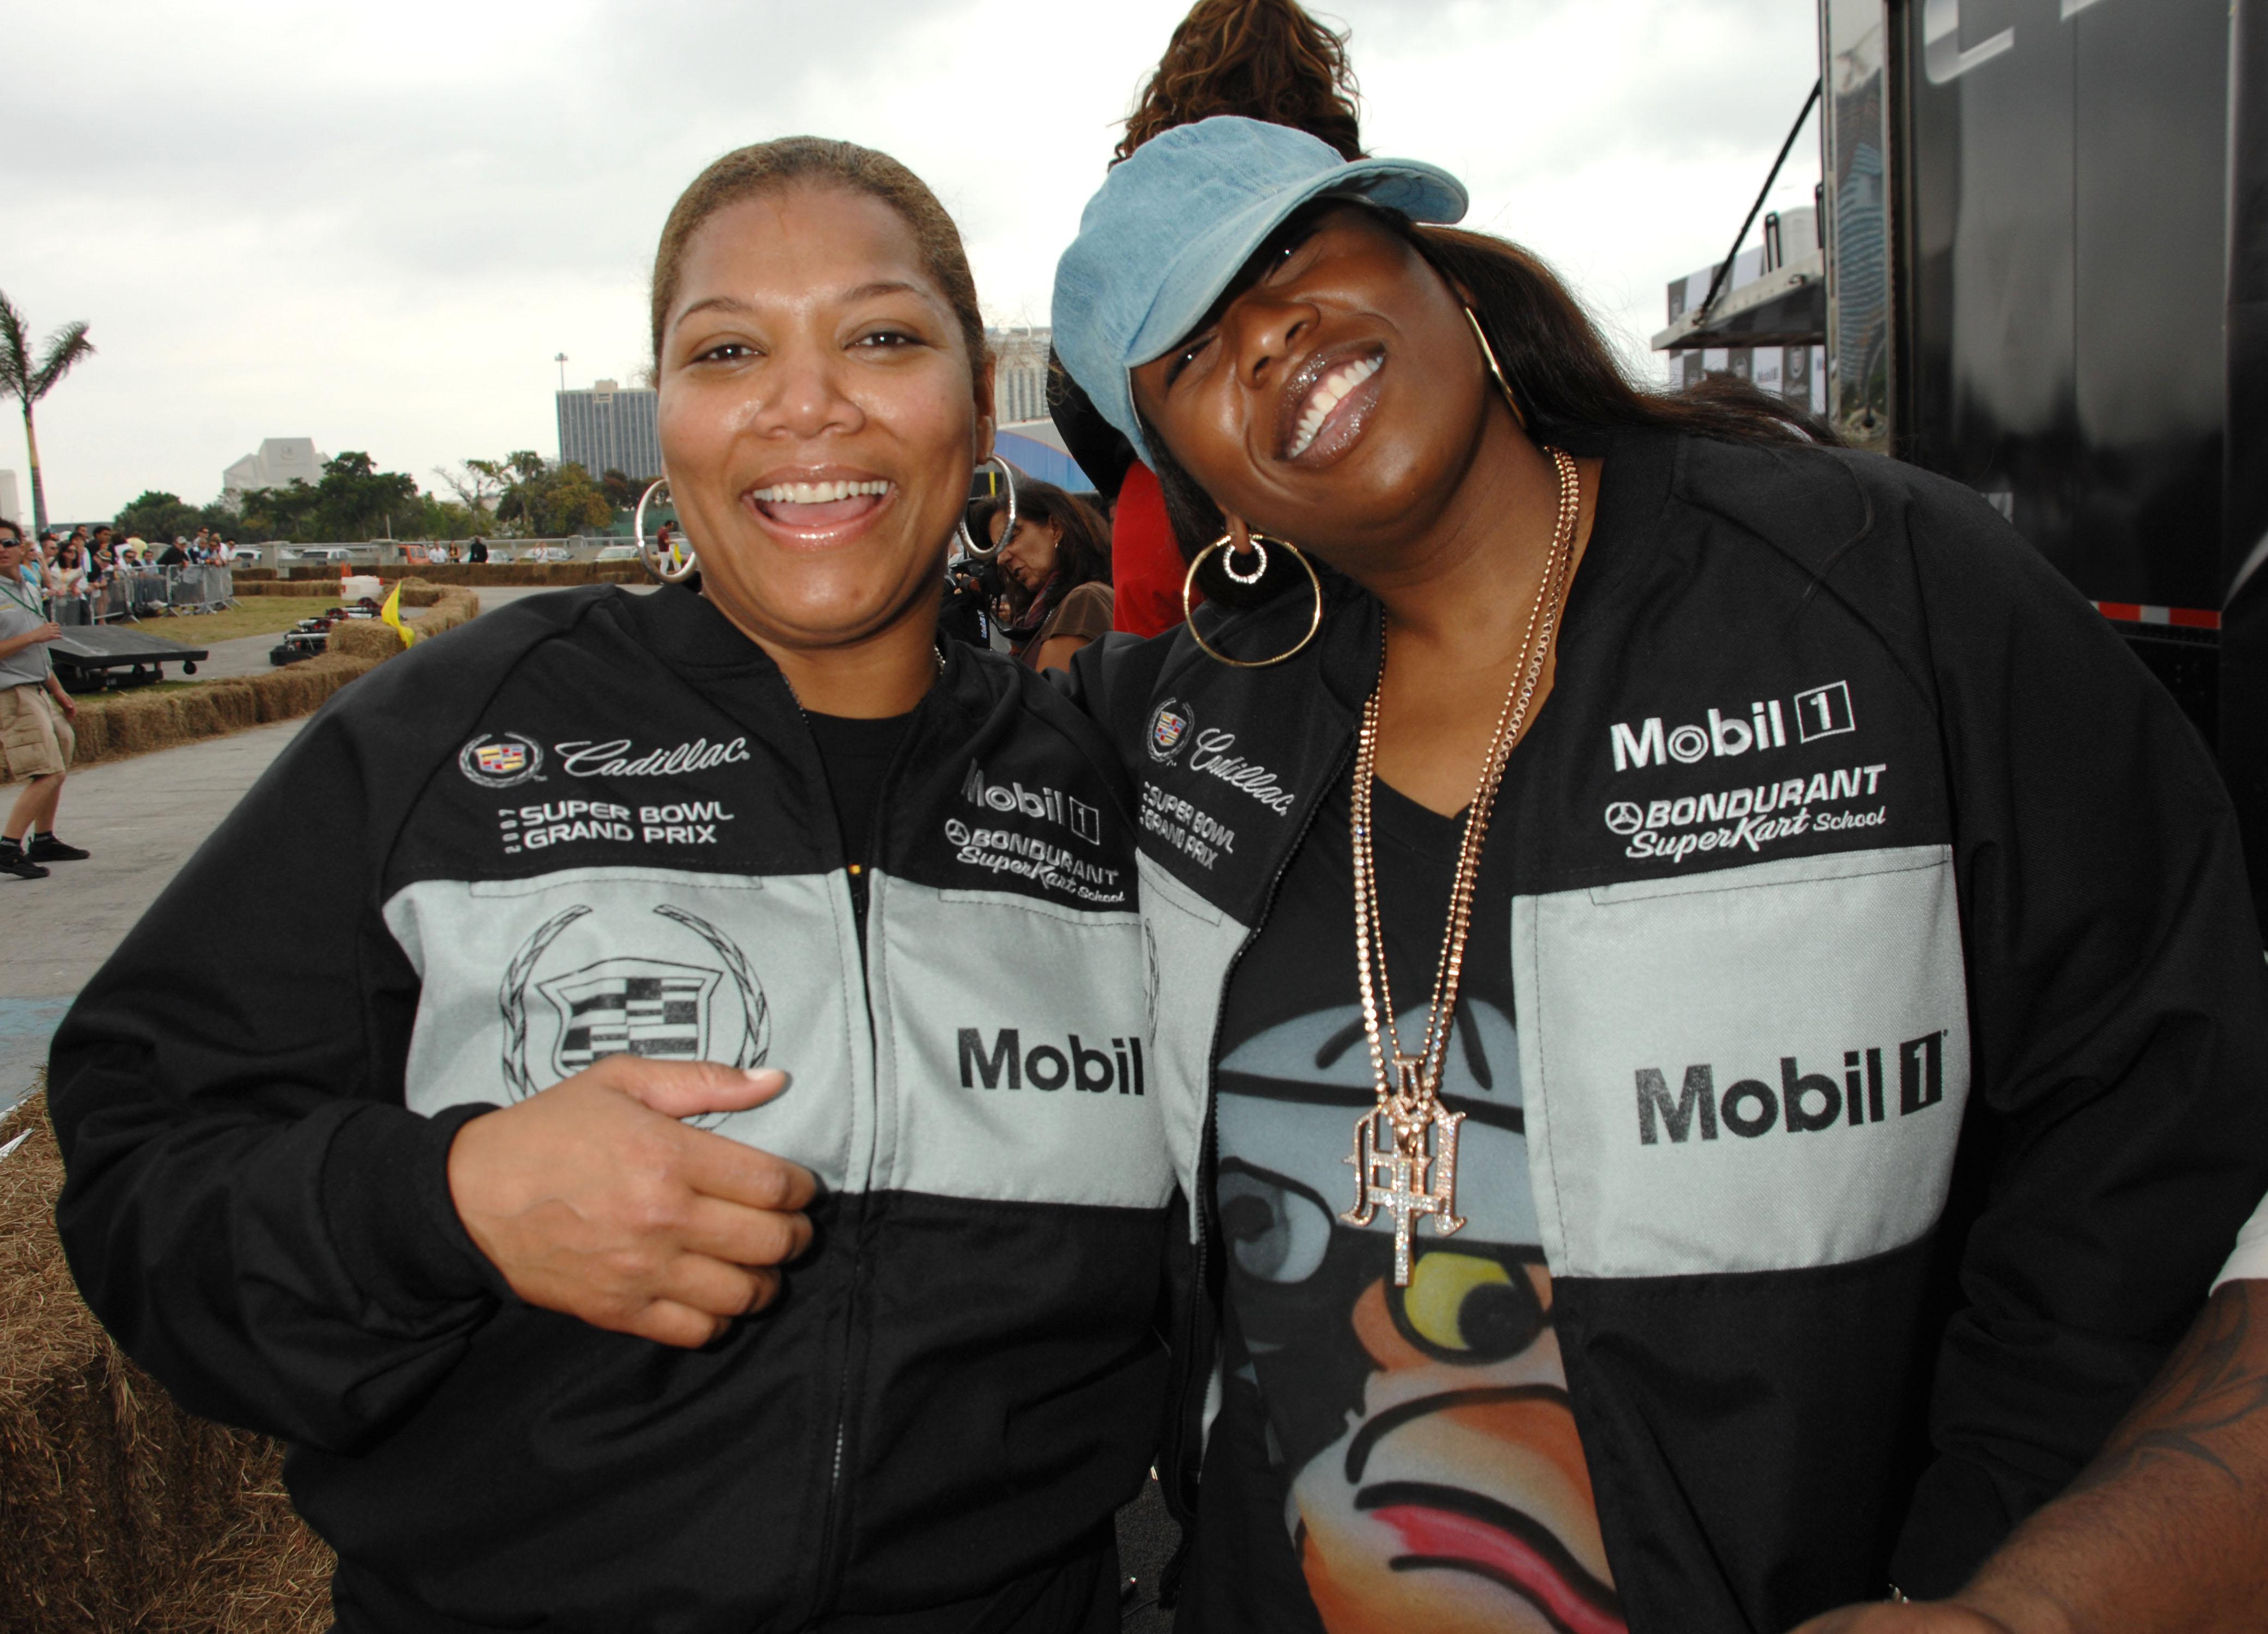 The 5th Annual Cadillac Super Bowl Grand Prix